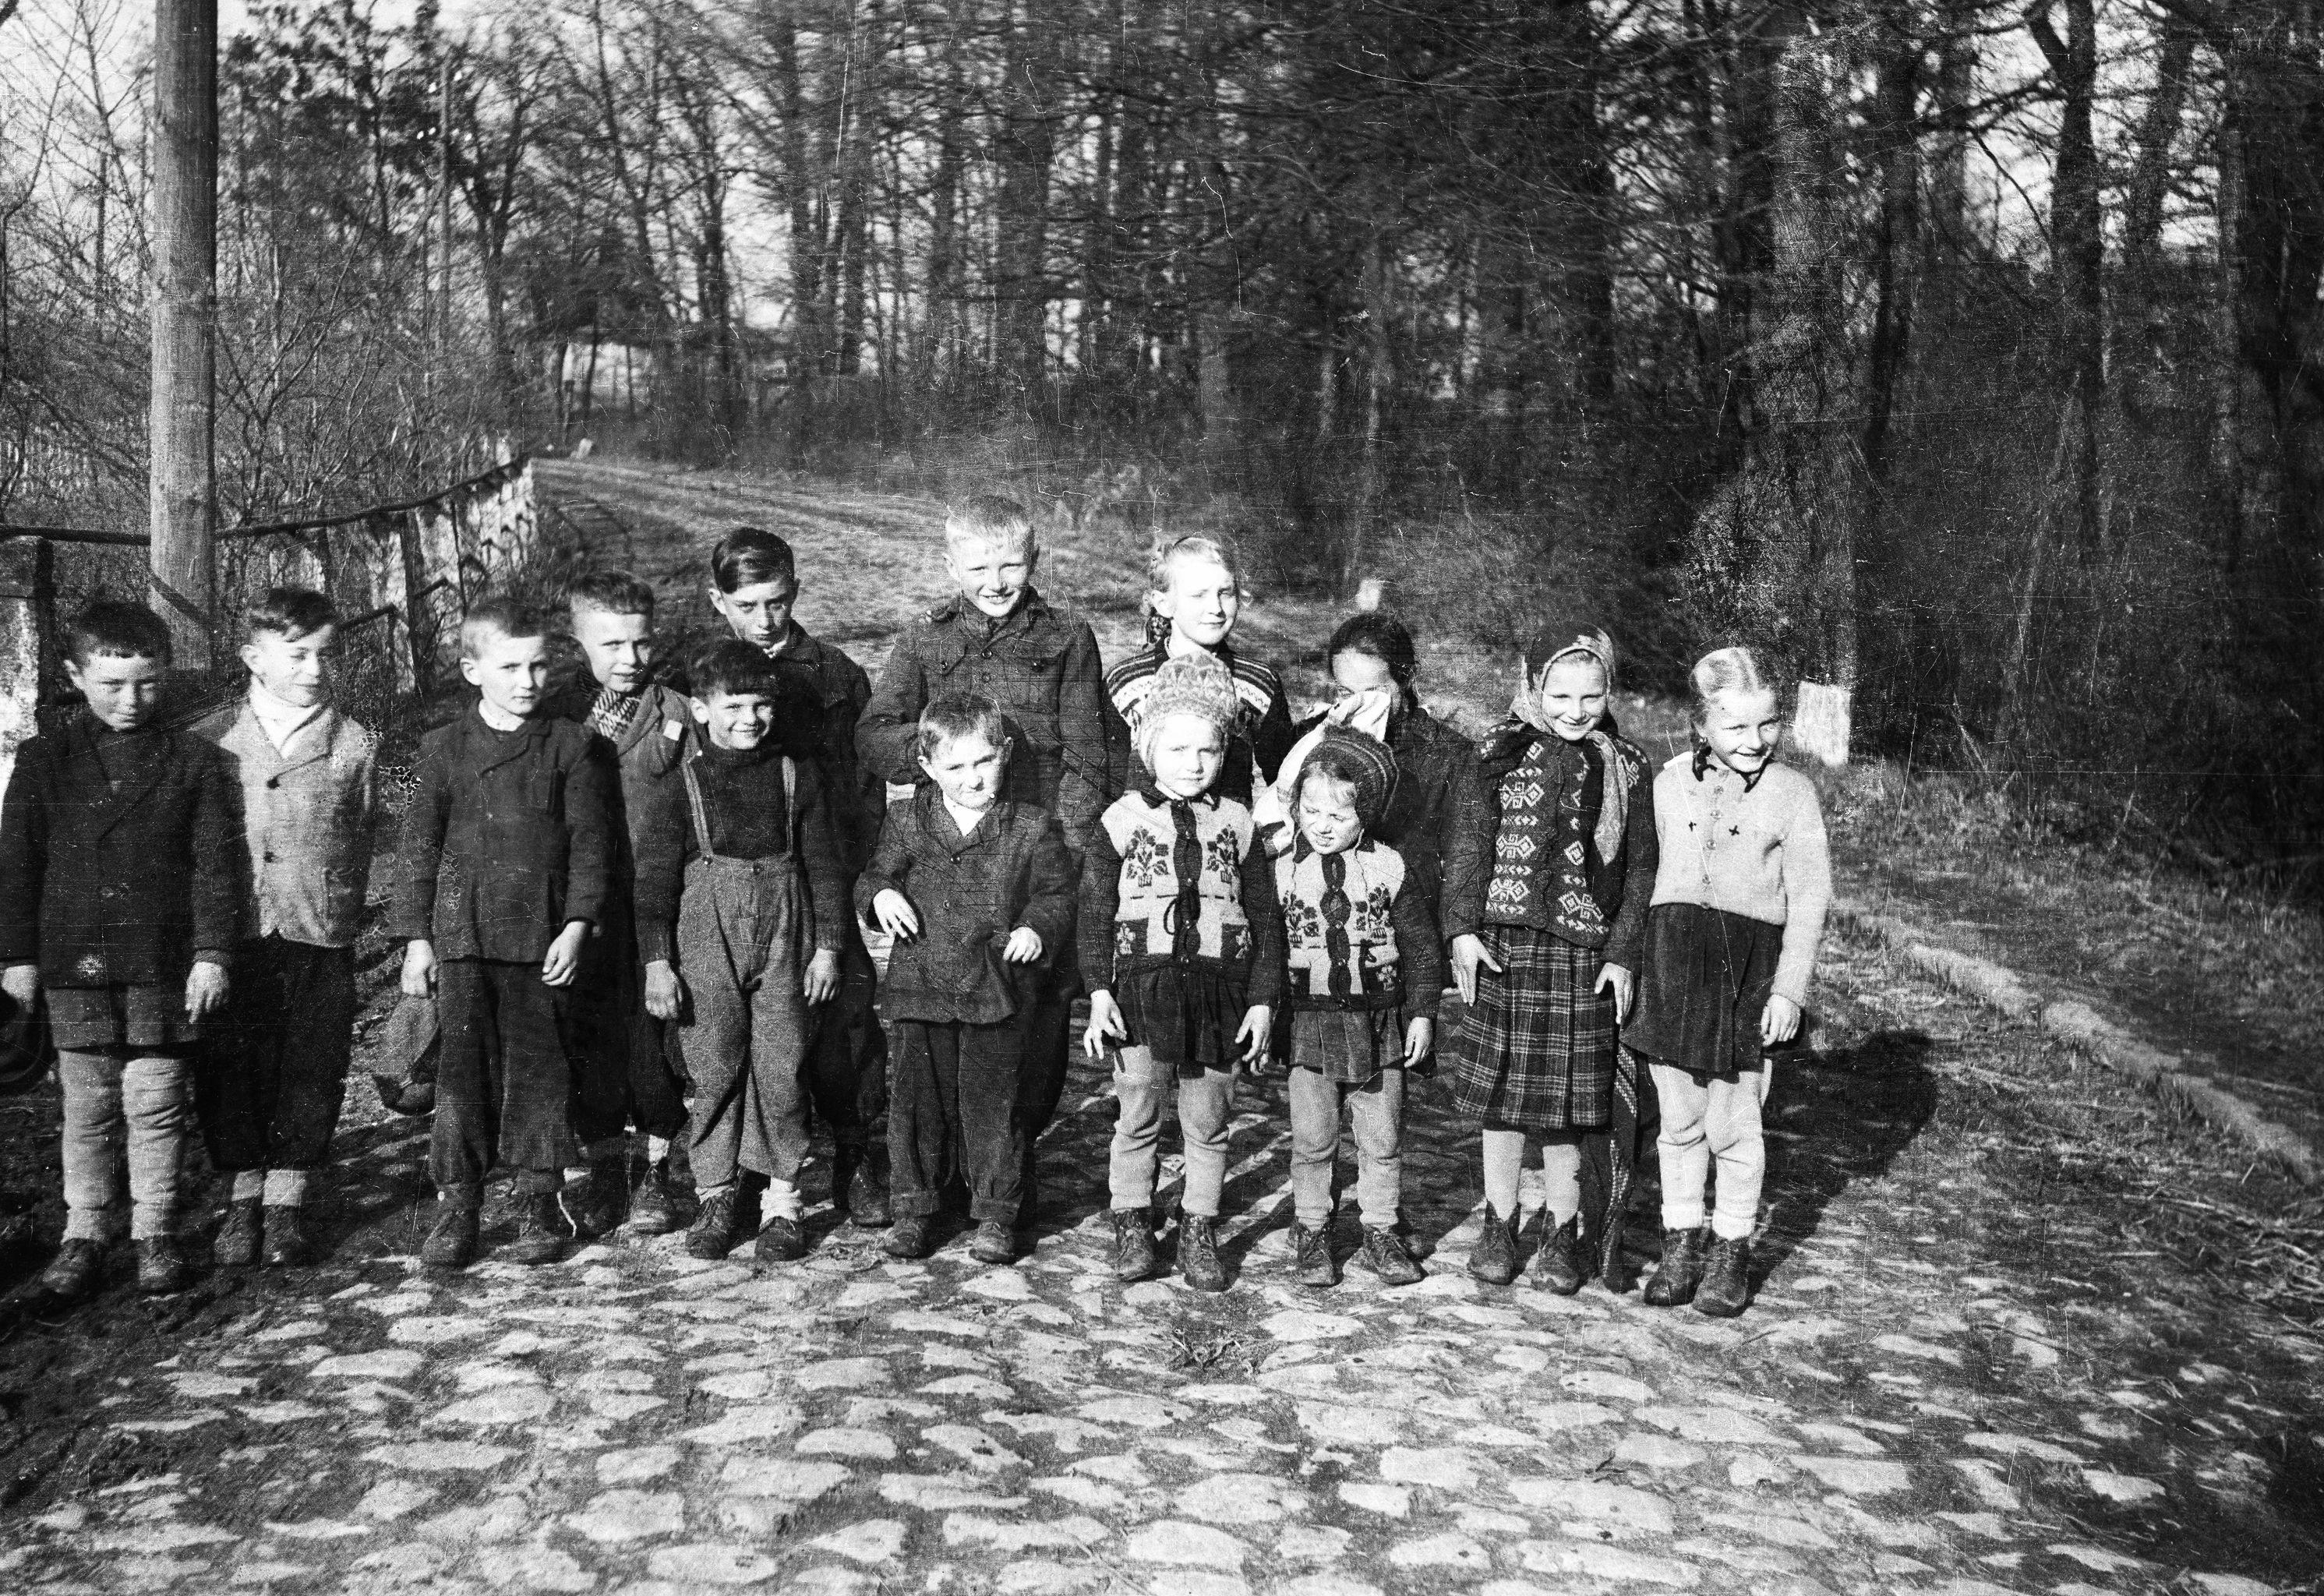 Dzieci z Brzózki, Dolny Śląsk, lata 50. XX w.